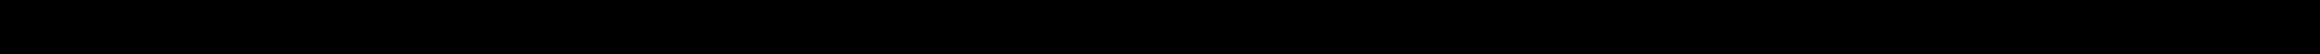 SKF 1J0 407 285 F, 1K0 498 203, 1J0 407 285 F, 1K0 498 203, VKN 401 Sada měchů, hnací hřídel